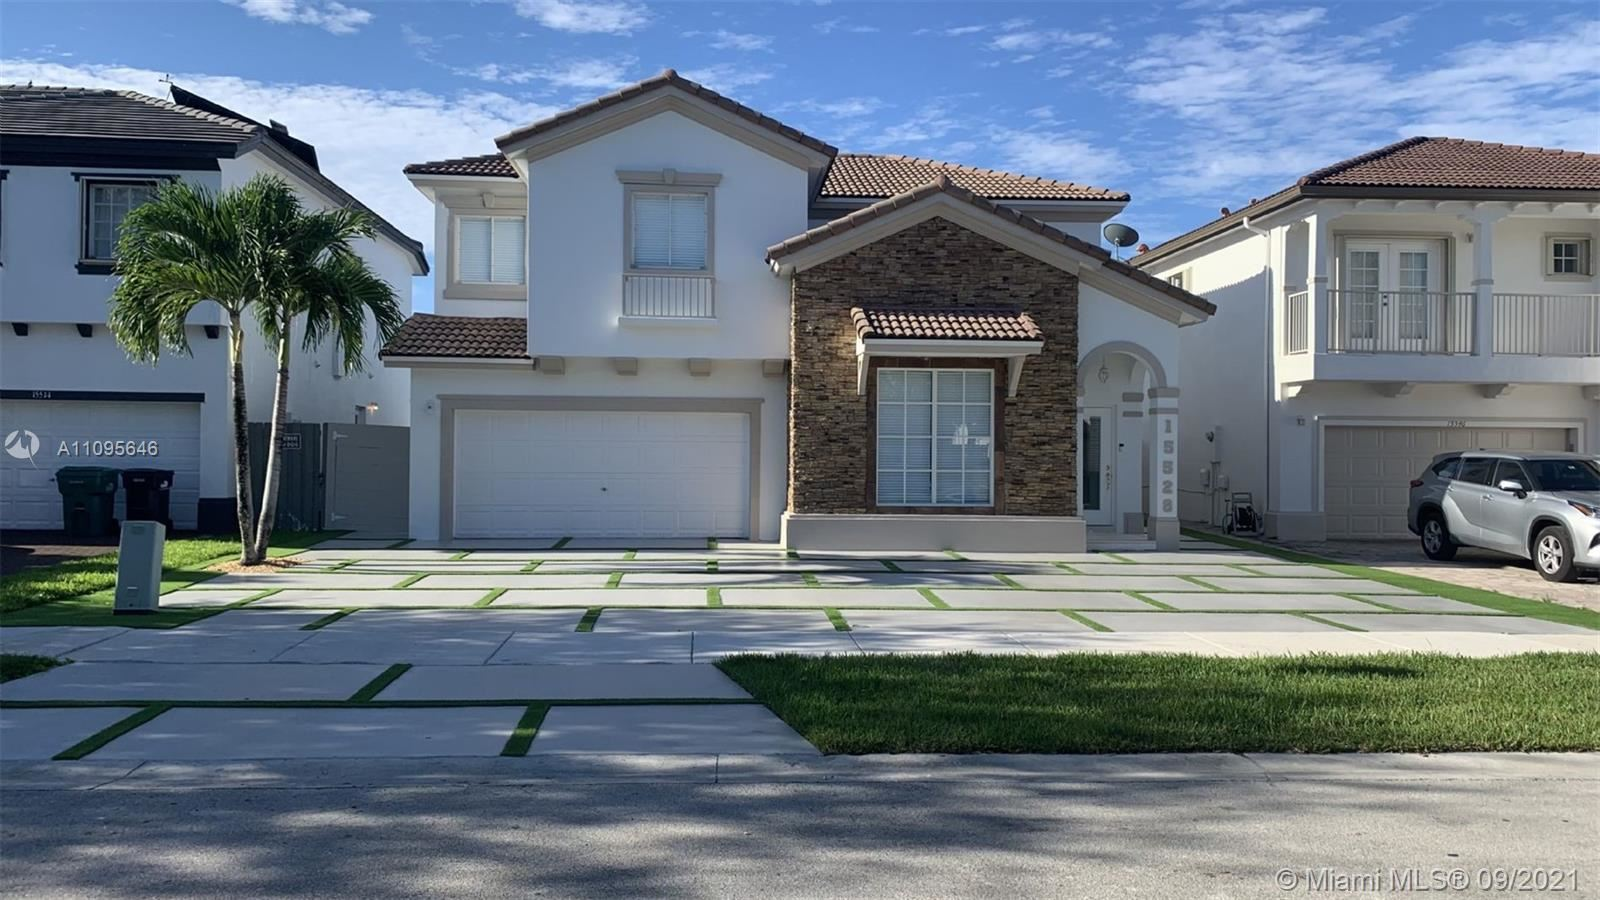 15528 SW 16th St, Miami, FL 33185 - #: A11095646